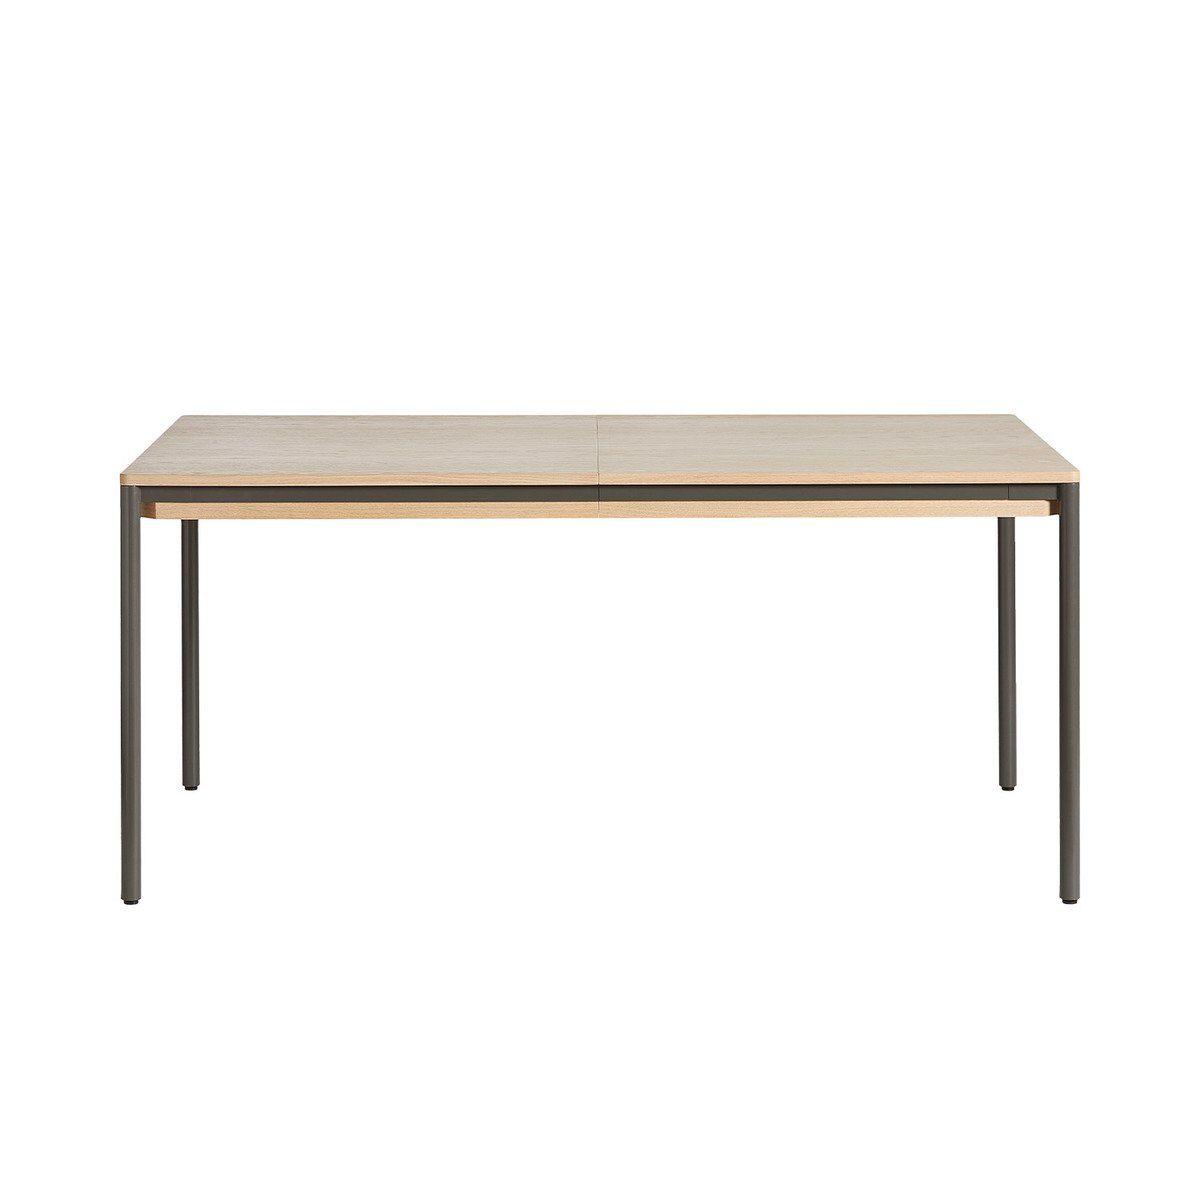 Woud Piezas extendable dining table, 160 x 95 cm, oak